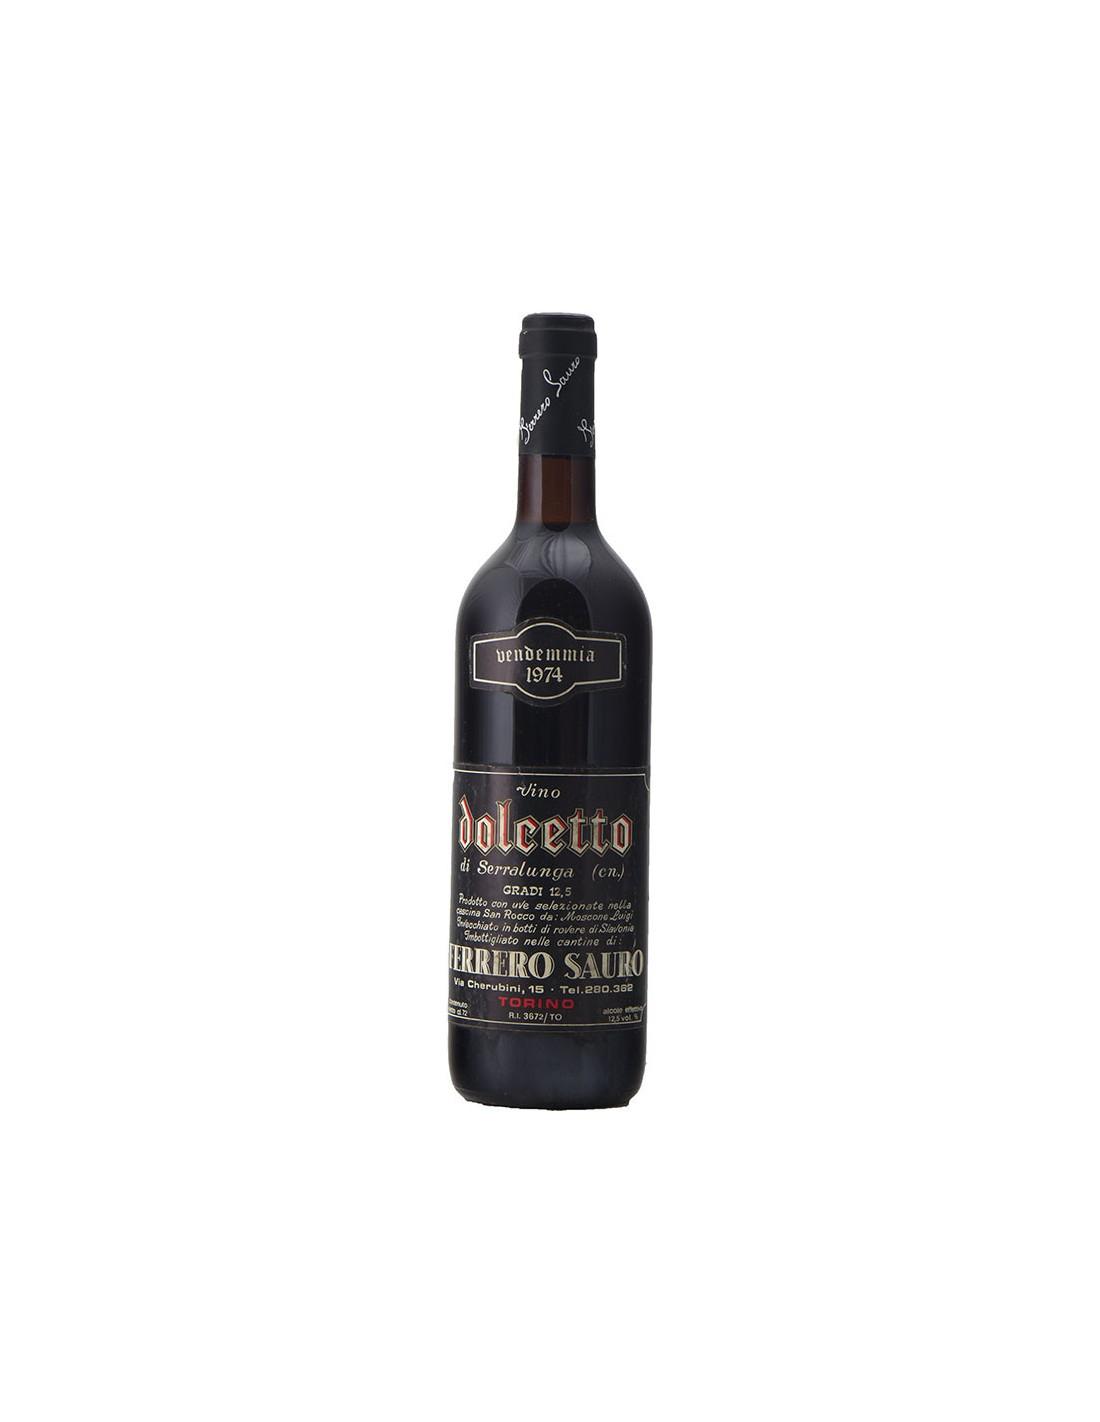 DOLCETTO 1974 FERRERO SAURO Grandi Bottiglie